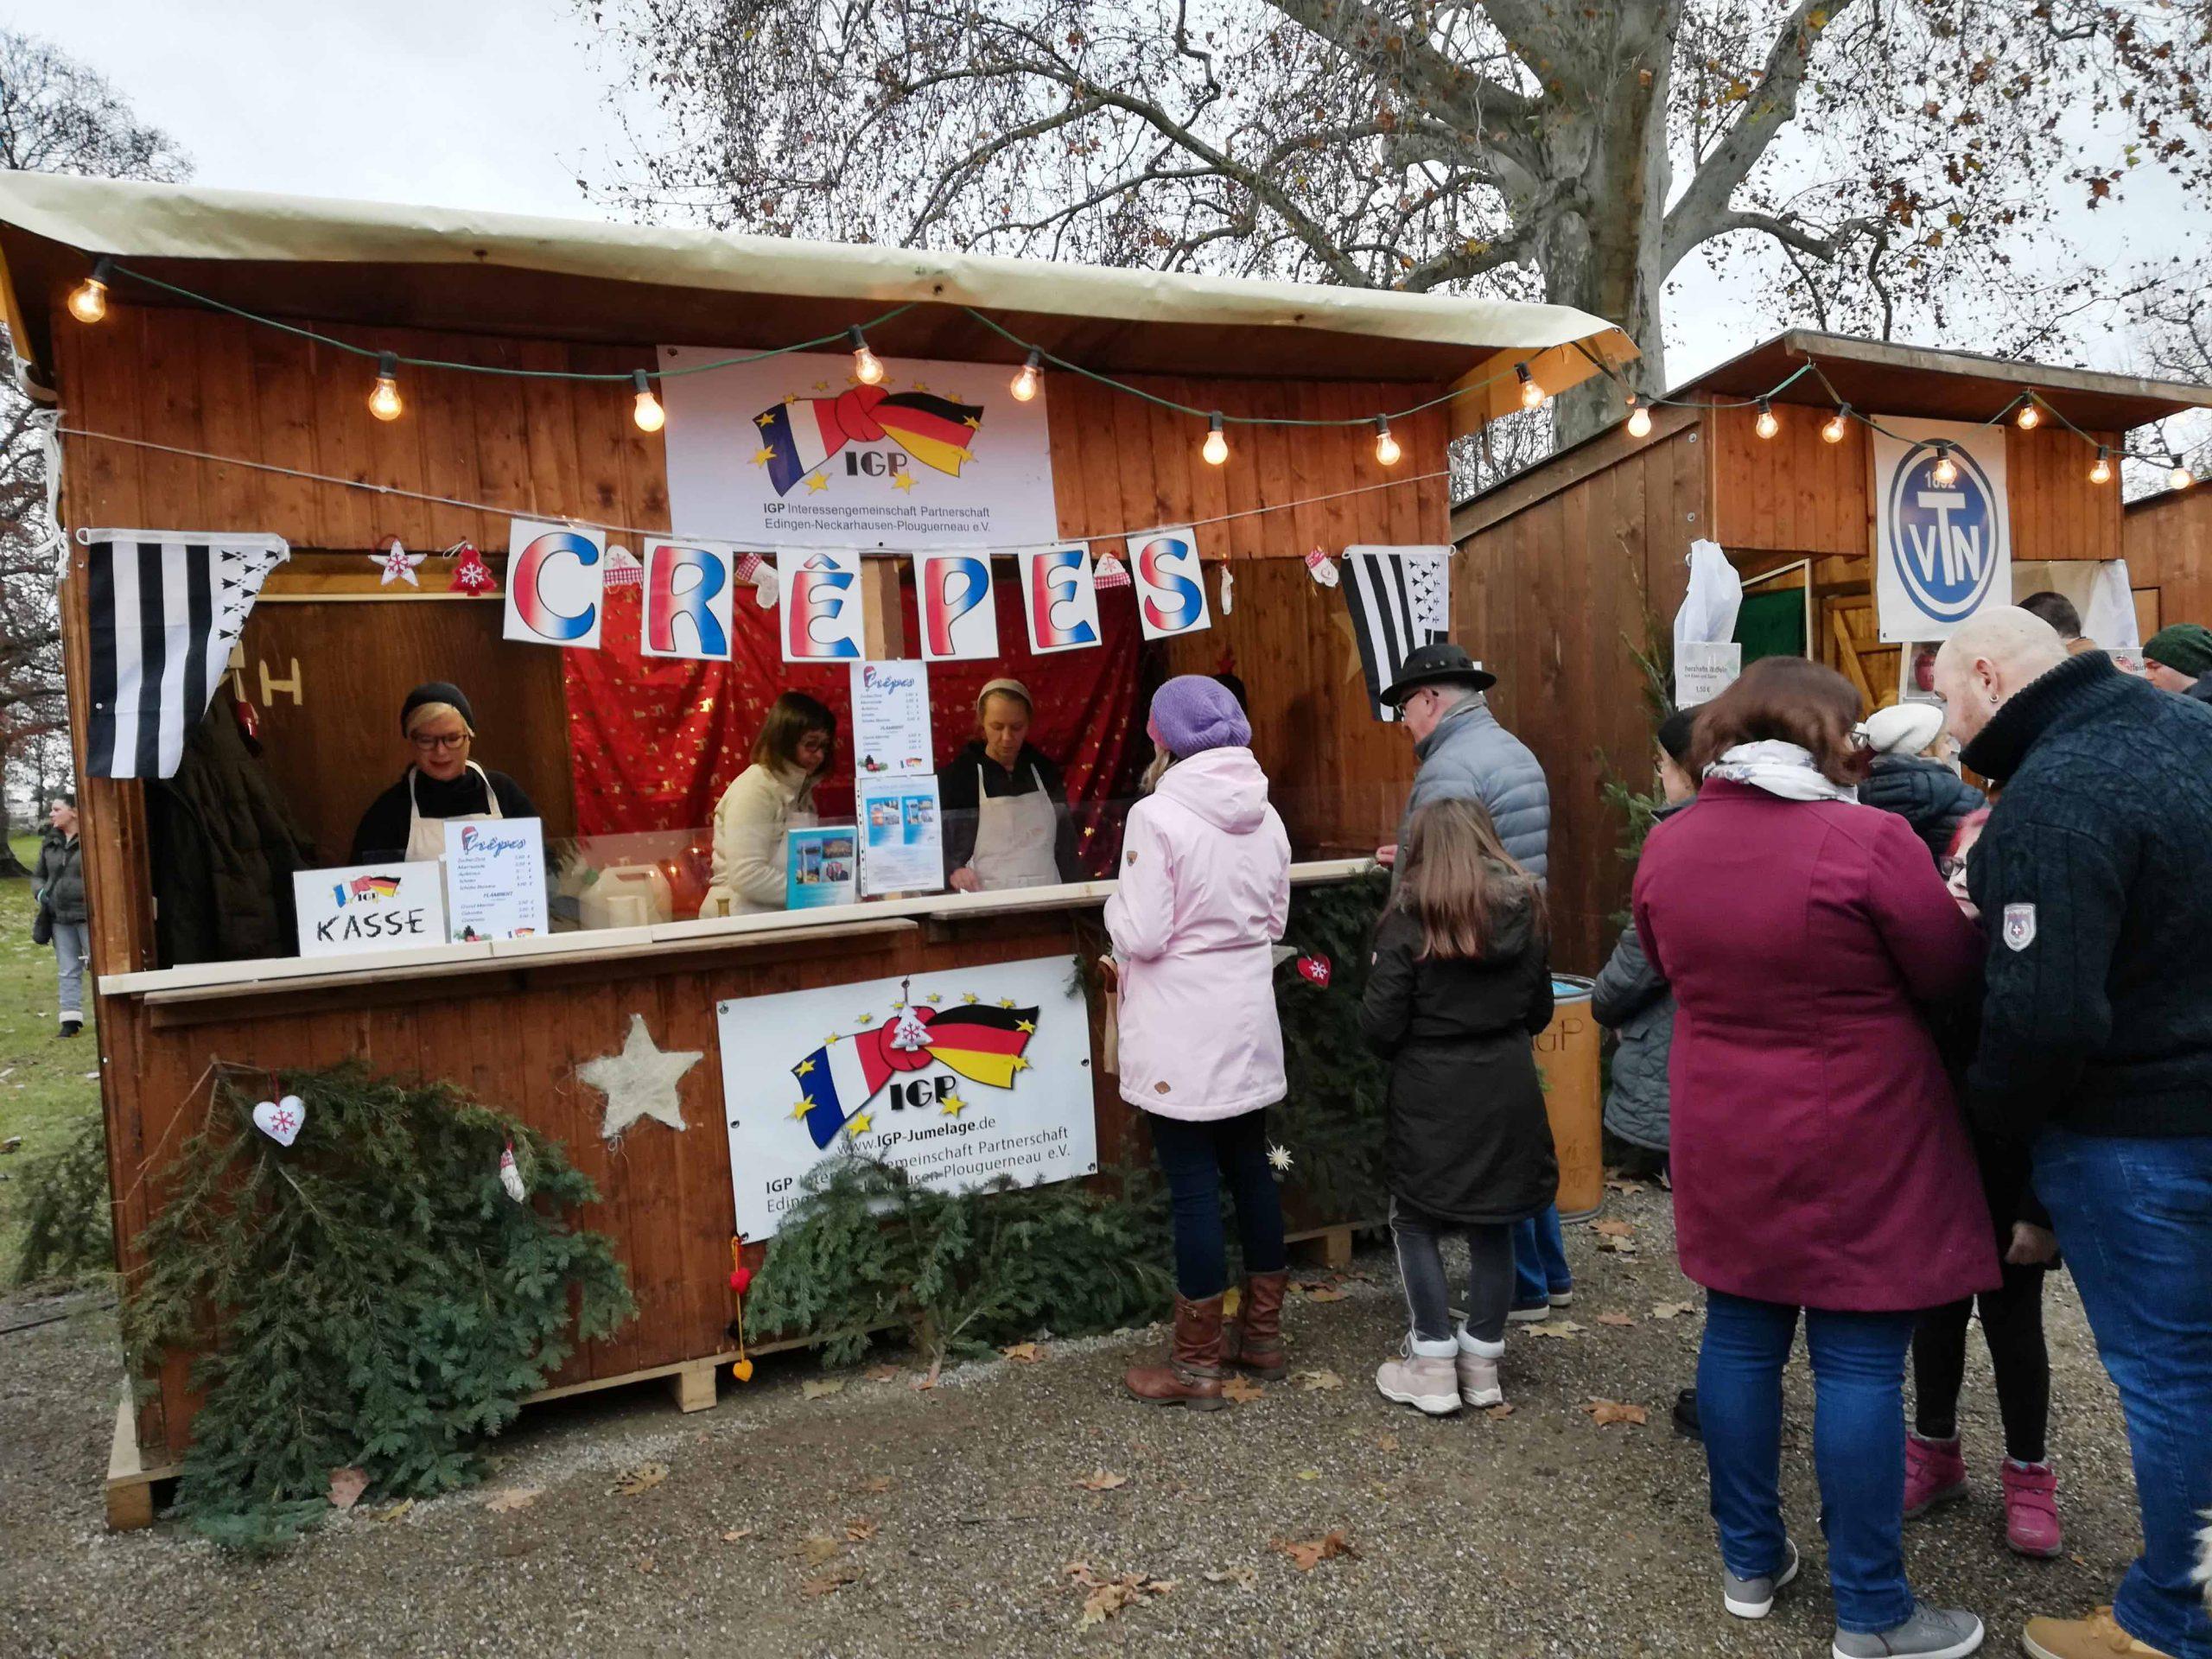 Le stand de l'IGP e.V. propose des crêpes au marché de Noël des enfants.